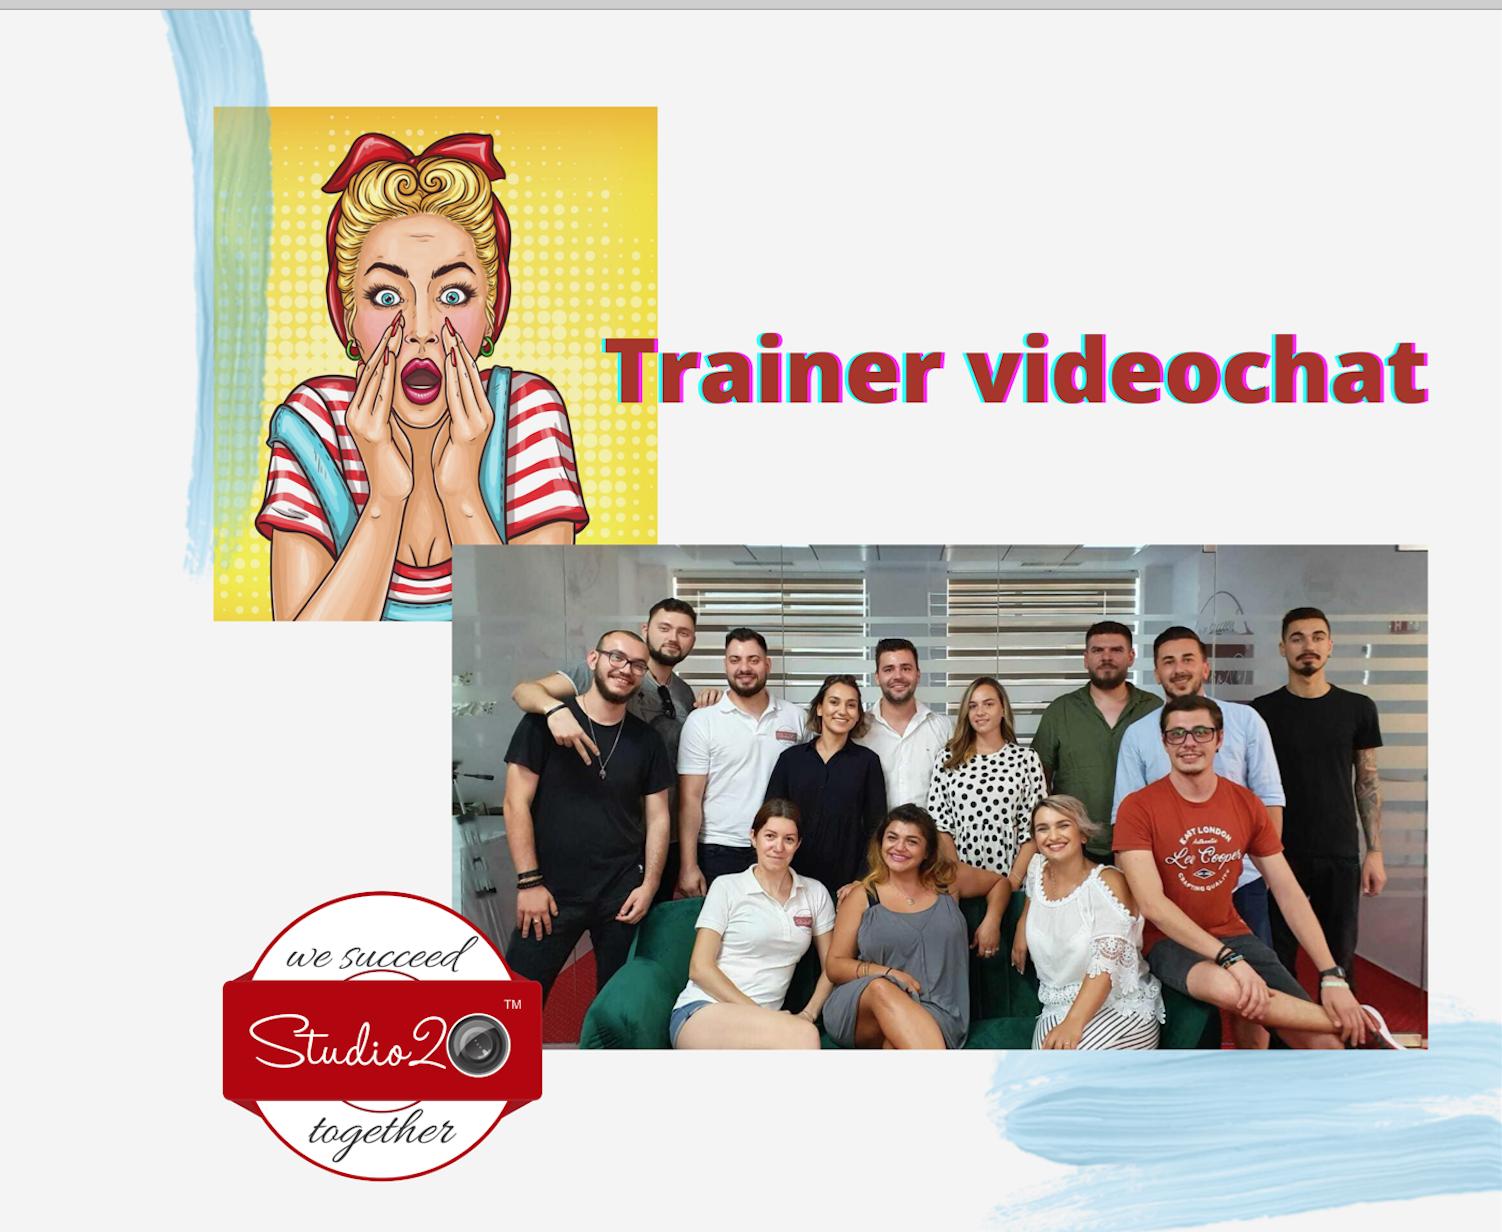 Trainer videochat – totul despre jobul momentului